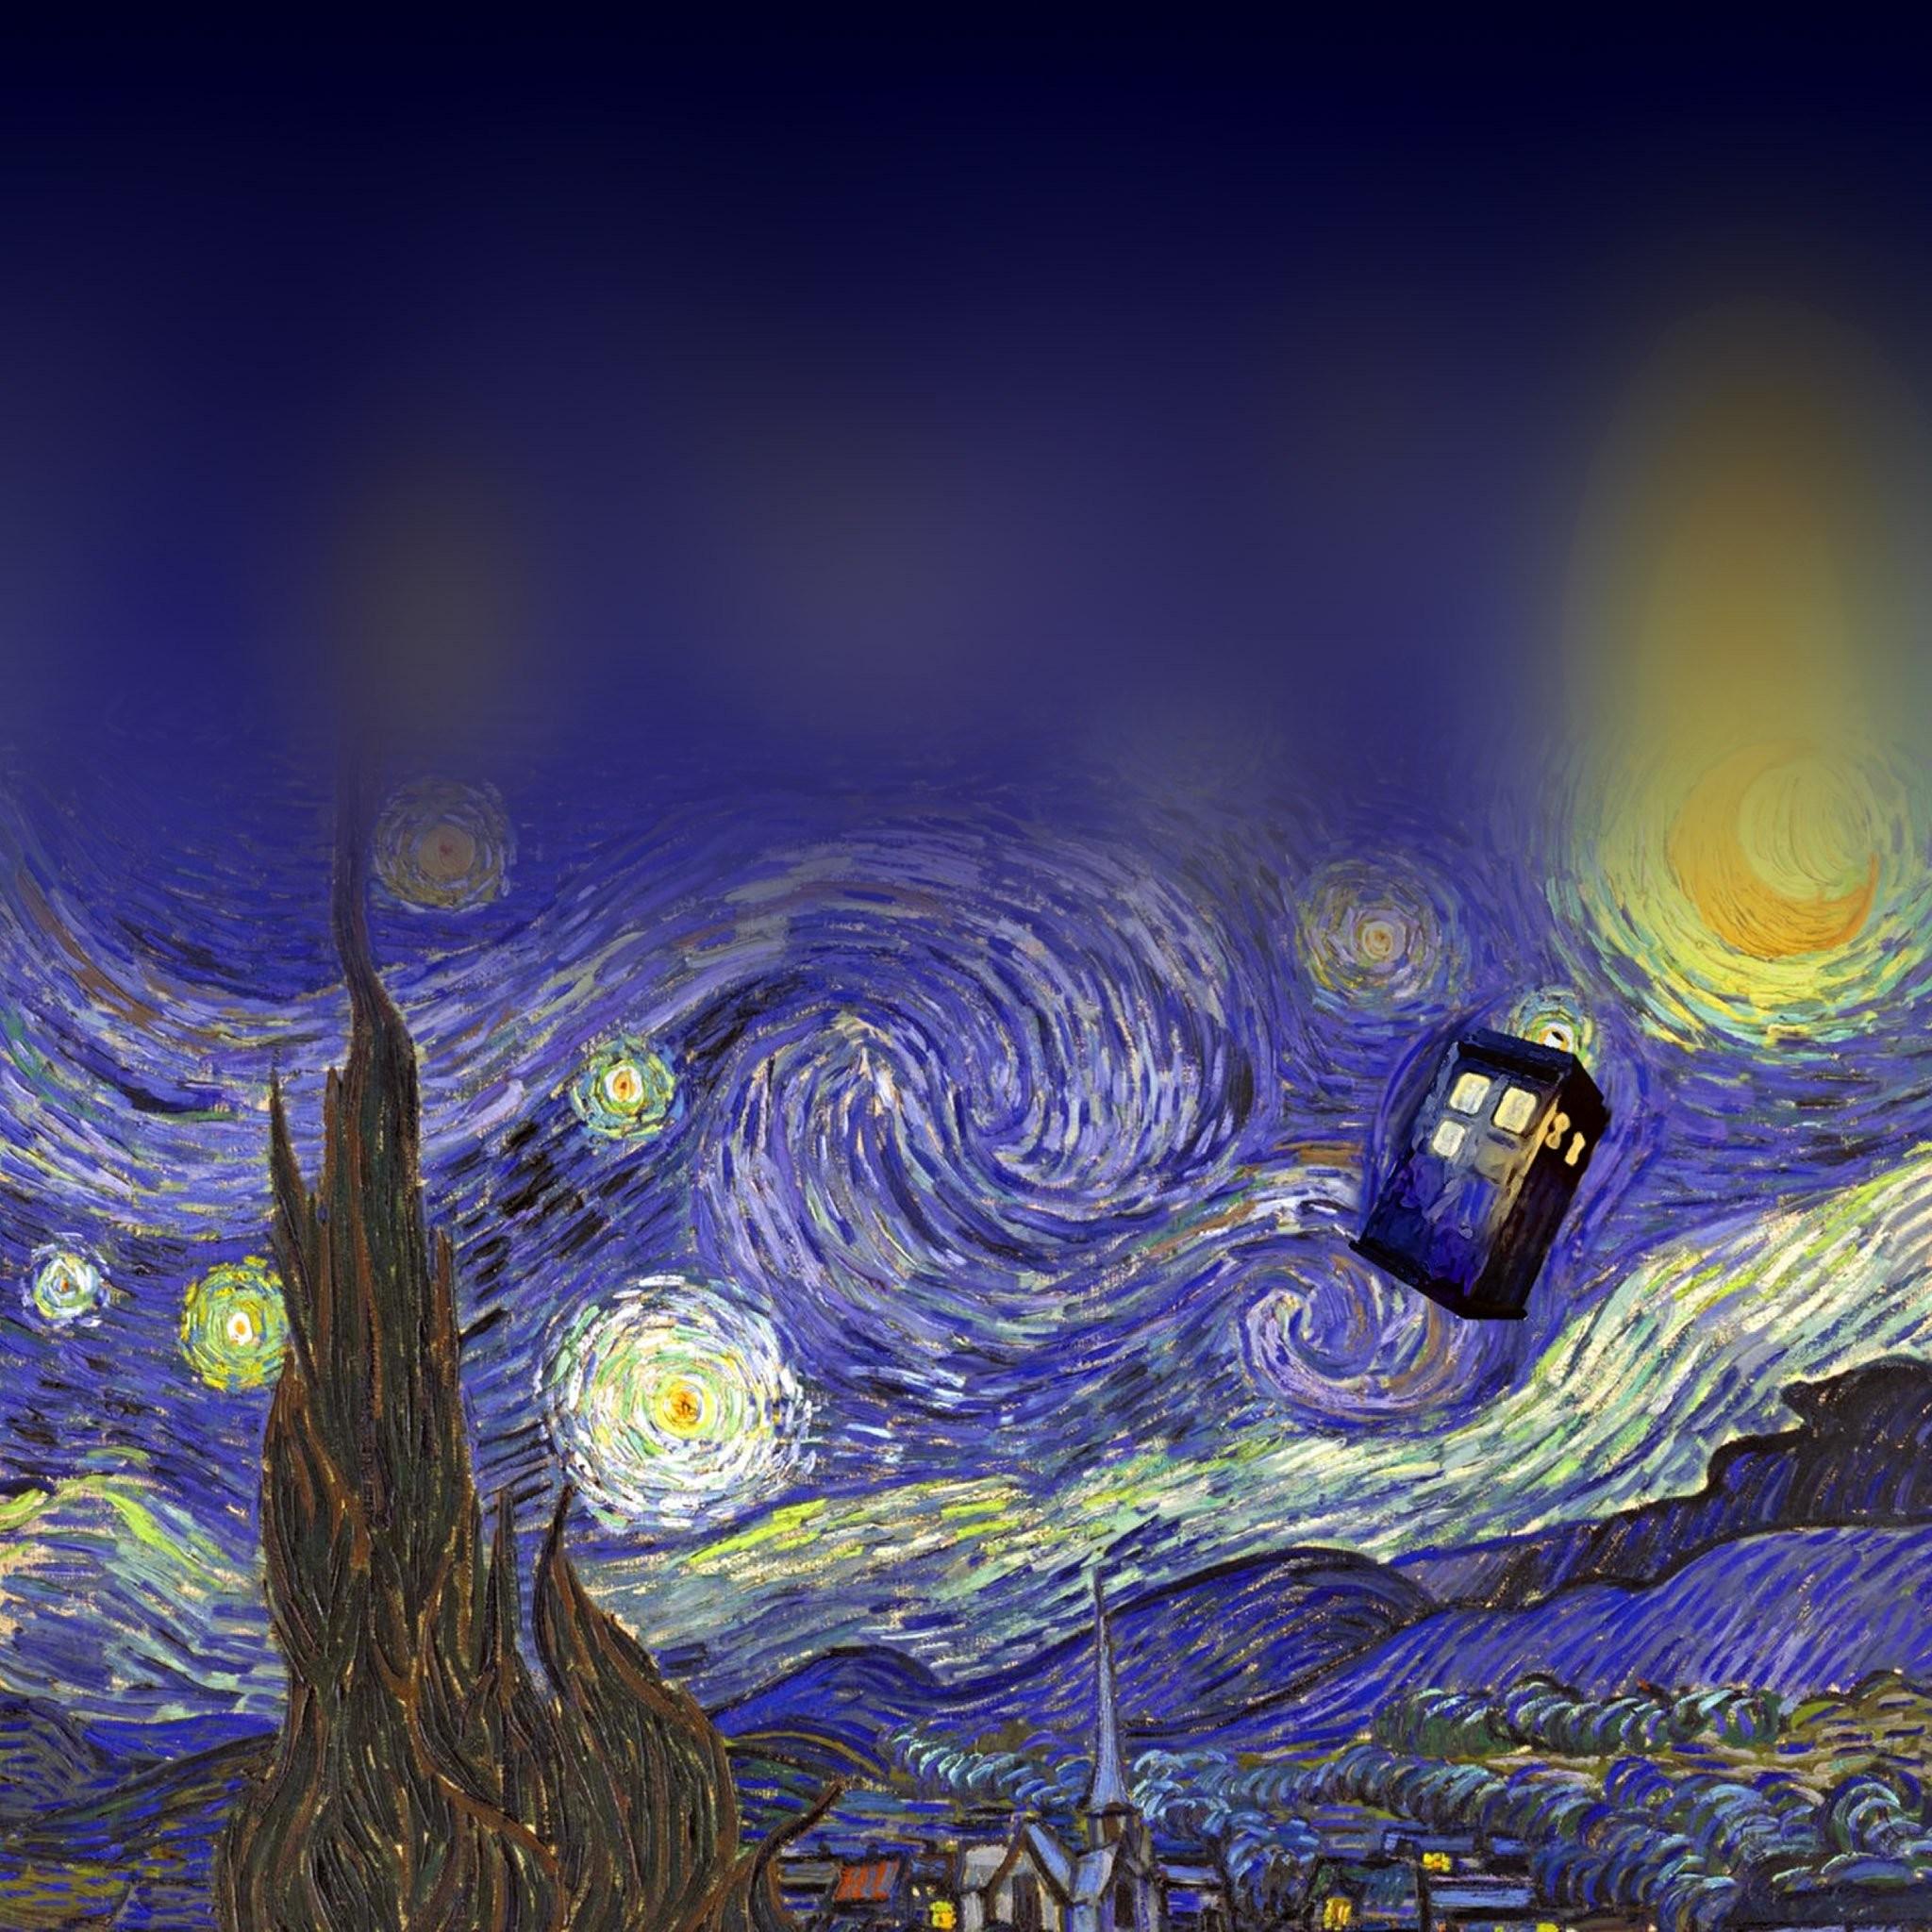 1920x1200 Doctor Who Van Gogh Iphone Wallpaper